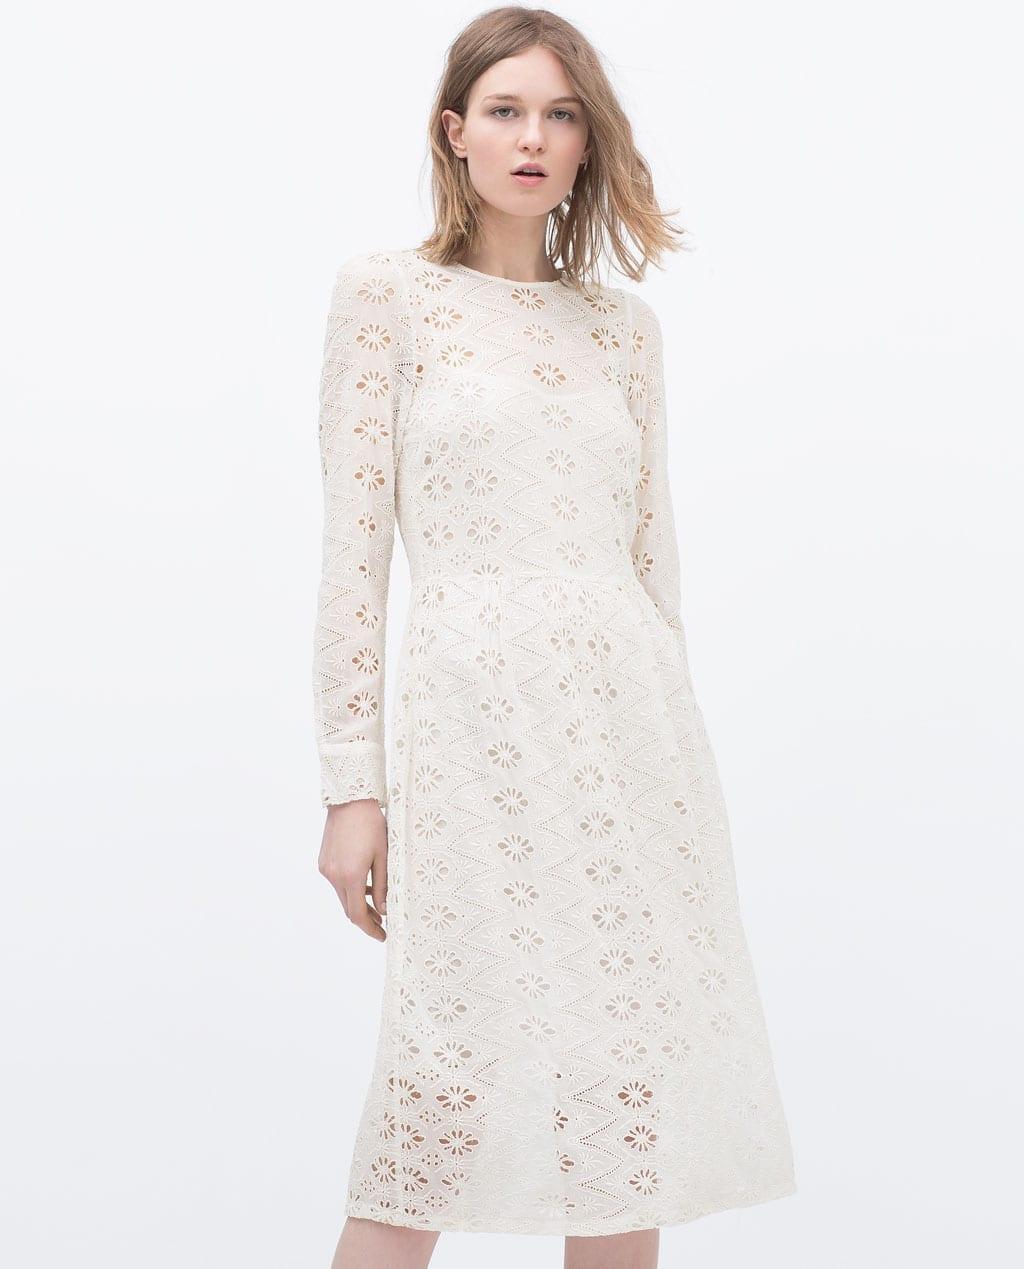 Vestiti bianco zara – Abiti alla moda 2dc26b4da6a